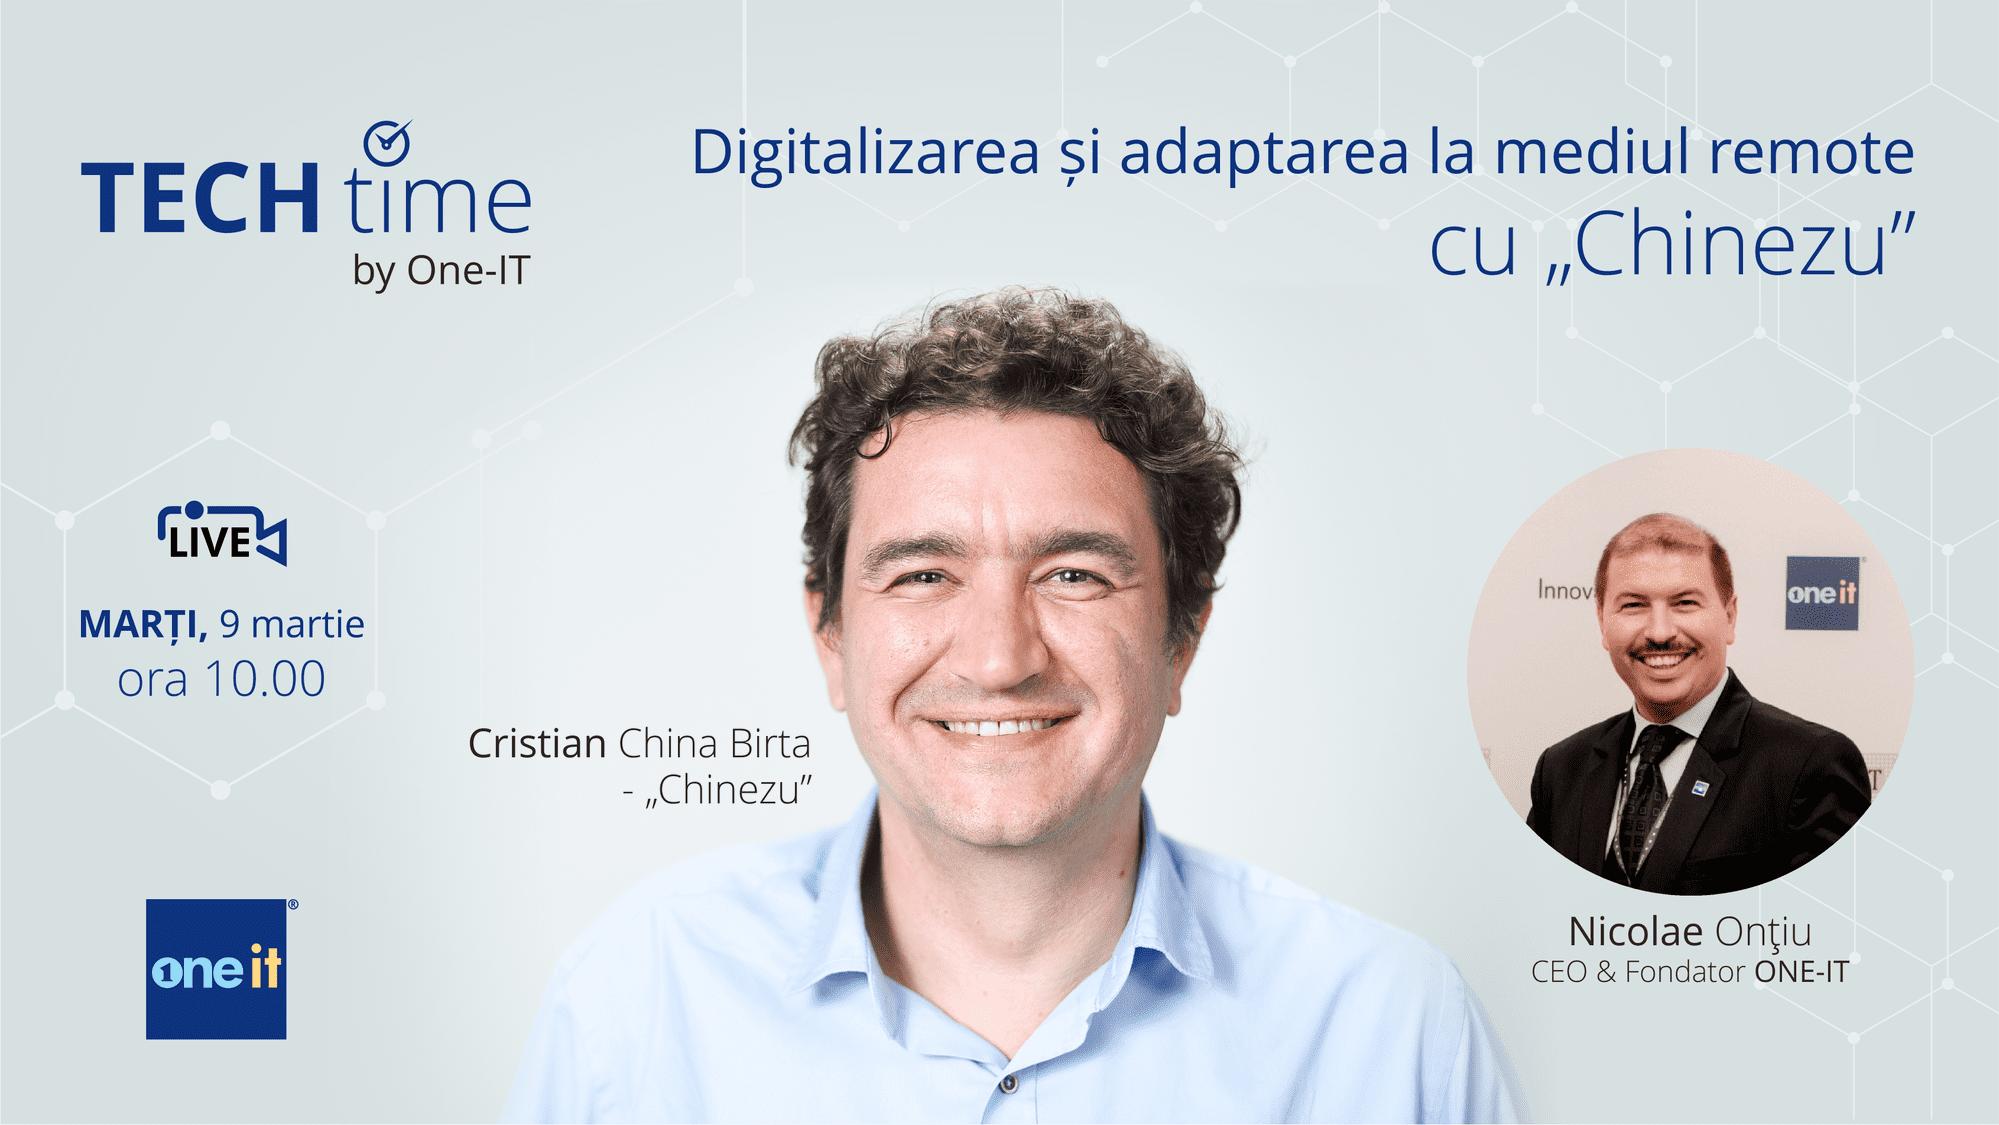 """Digitalizarea și adaptarea la mediul remote, cu Cristian China Birta - """"Chinezu"""""""